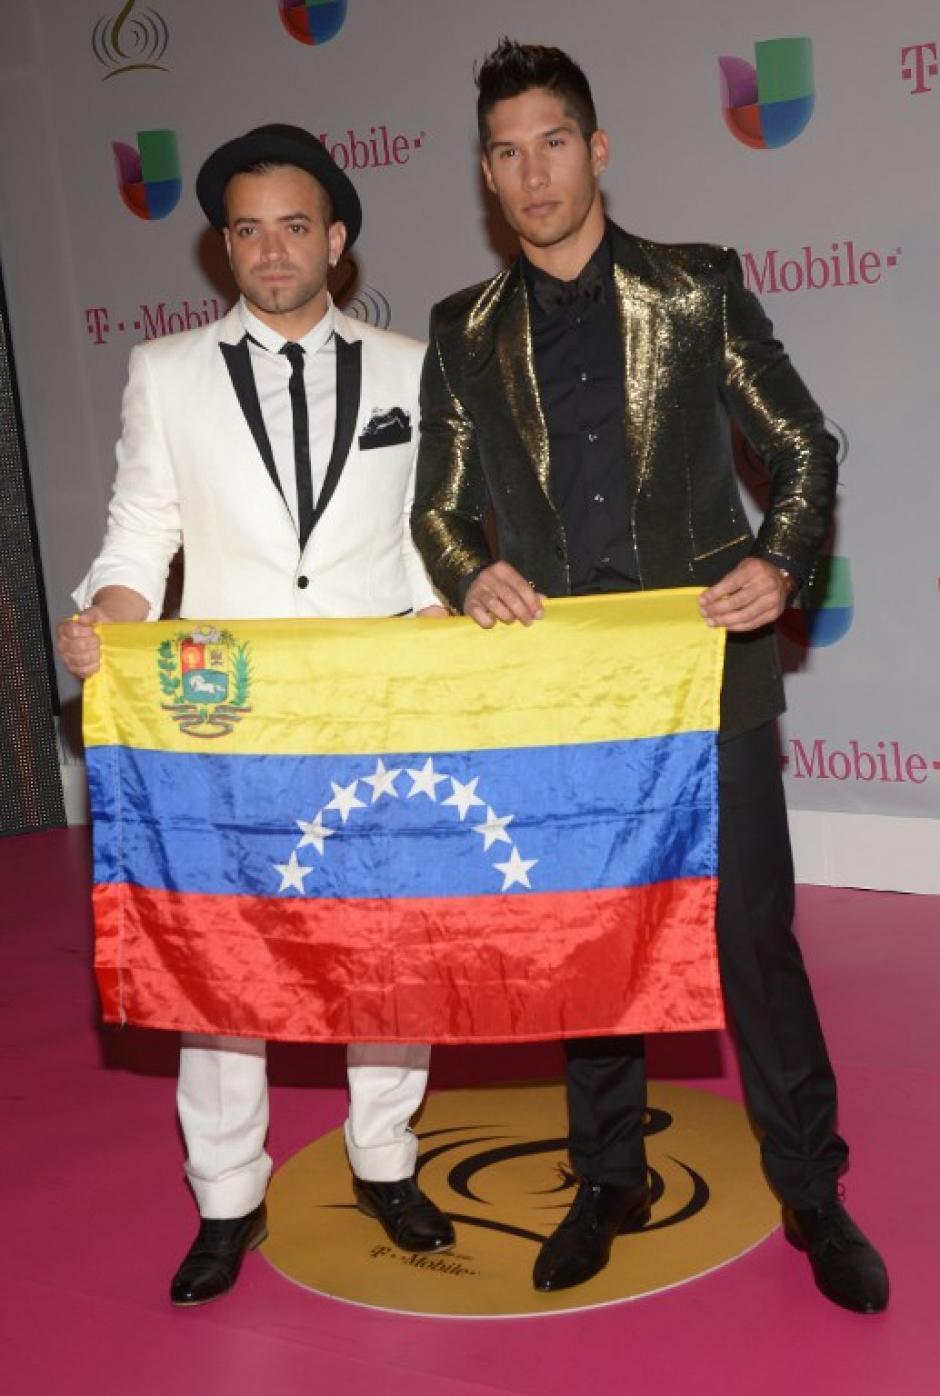 Chino y Nacho expresaron su apoyo en todo momento por su tierra natal, Venezuela. (Foto: AFP)